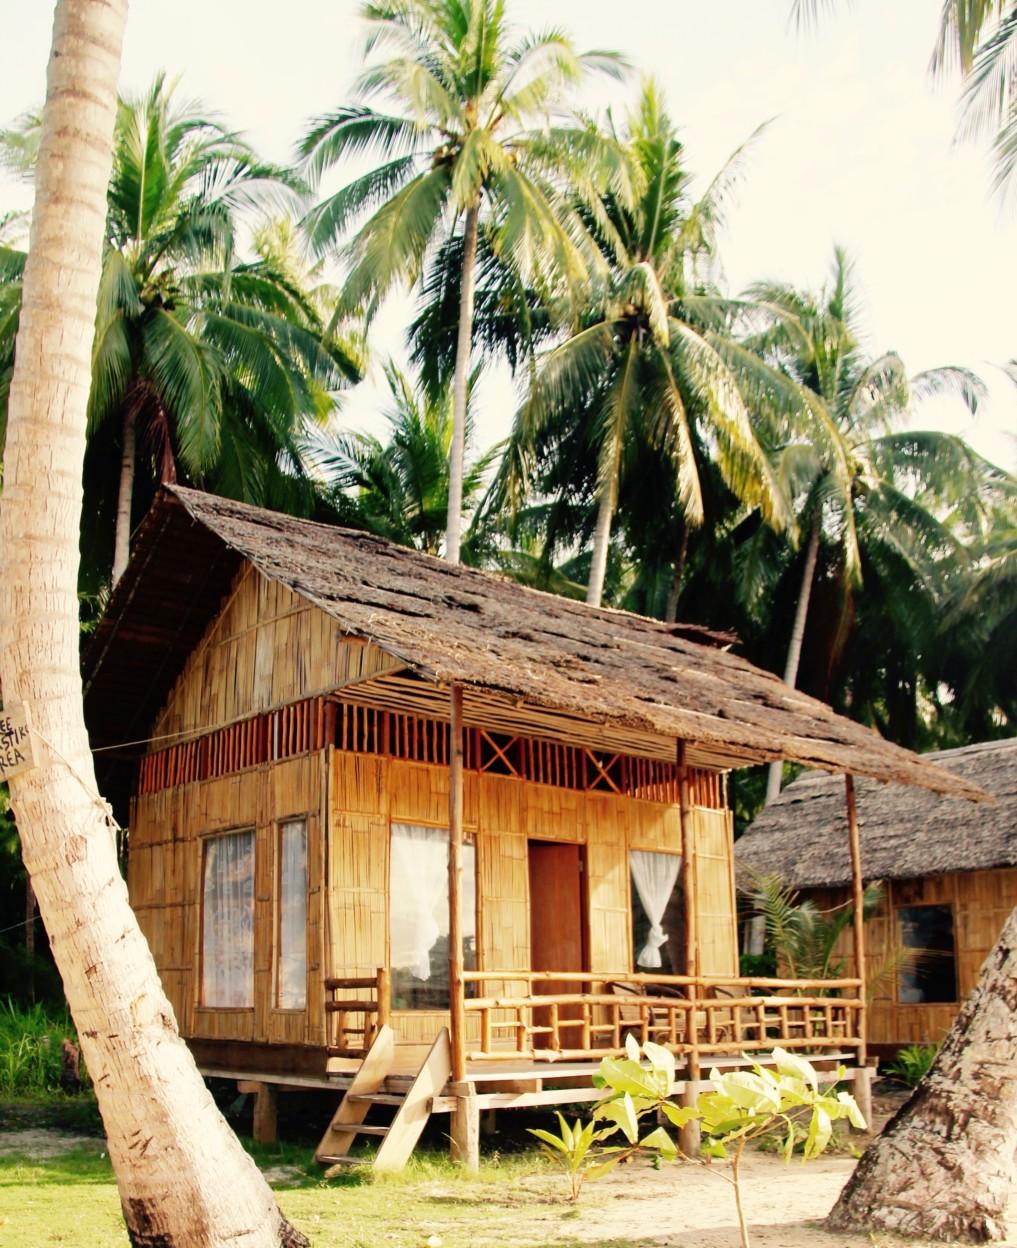 1_Bamboo Bungalow